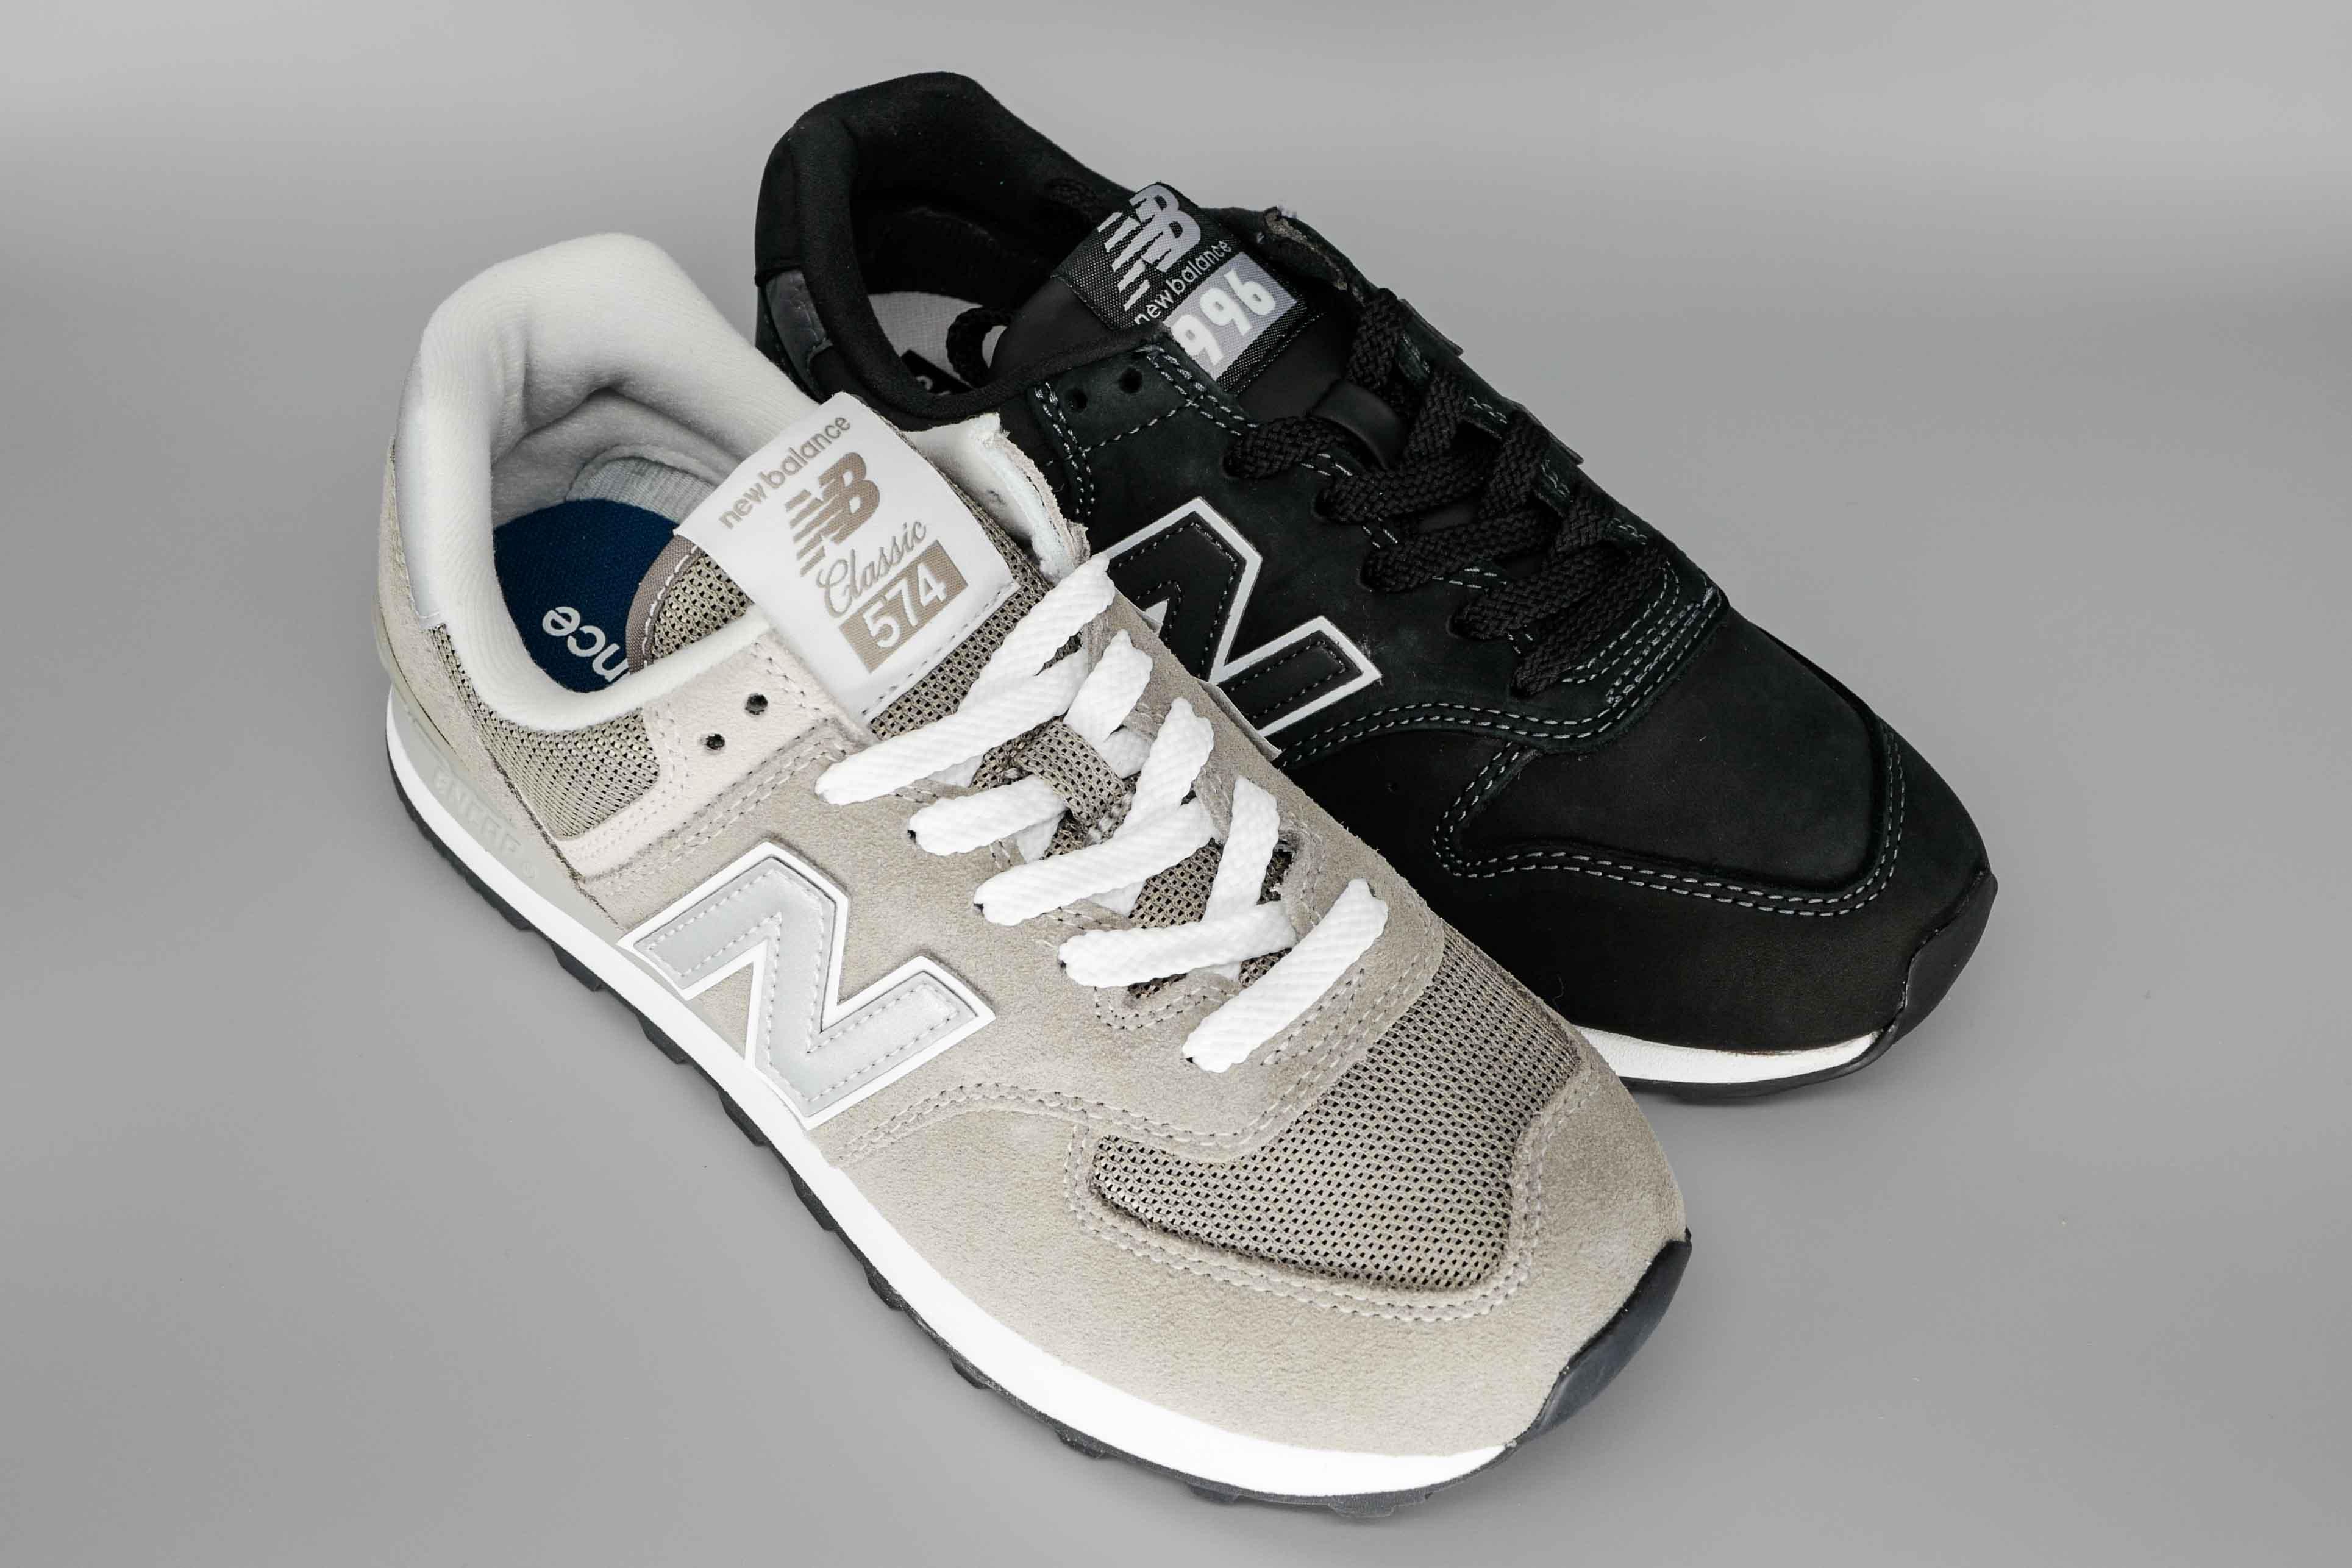 【履きやすさなら574!】ニューバランスML574とCM996を履き比べたら違いが分かってしまった!履き心地とサイズ感も!【定番のグレーとブラックを並べて比較!】